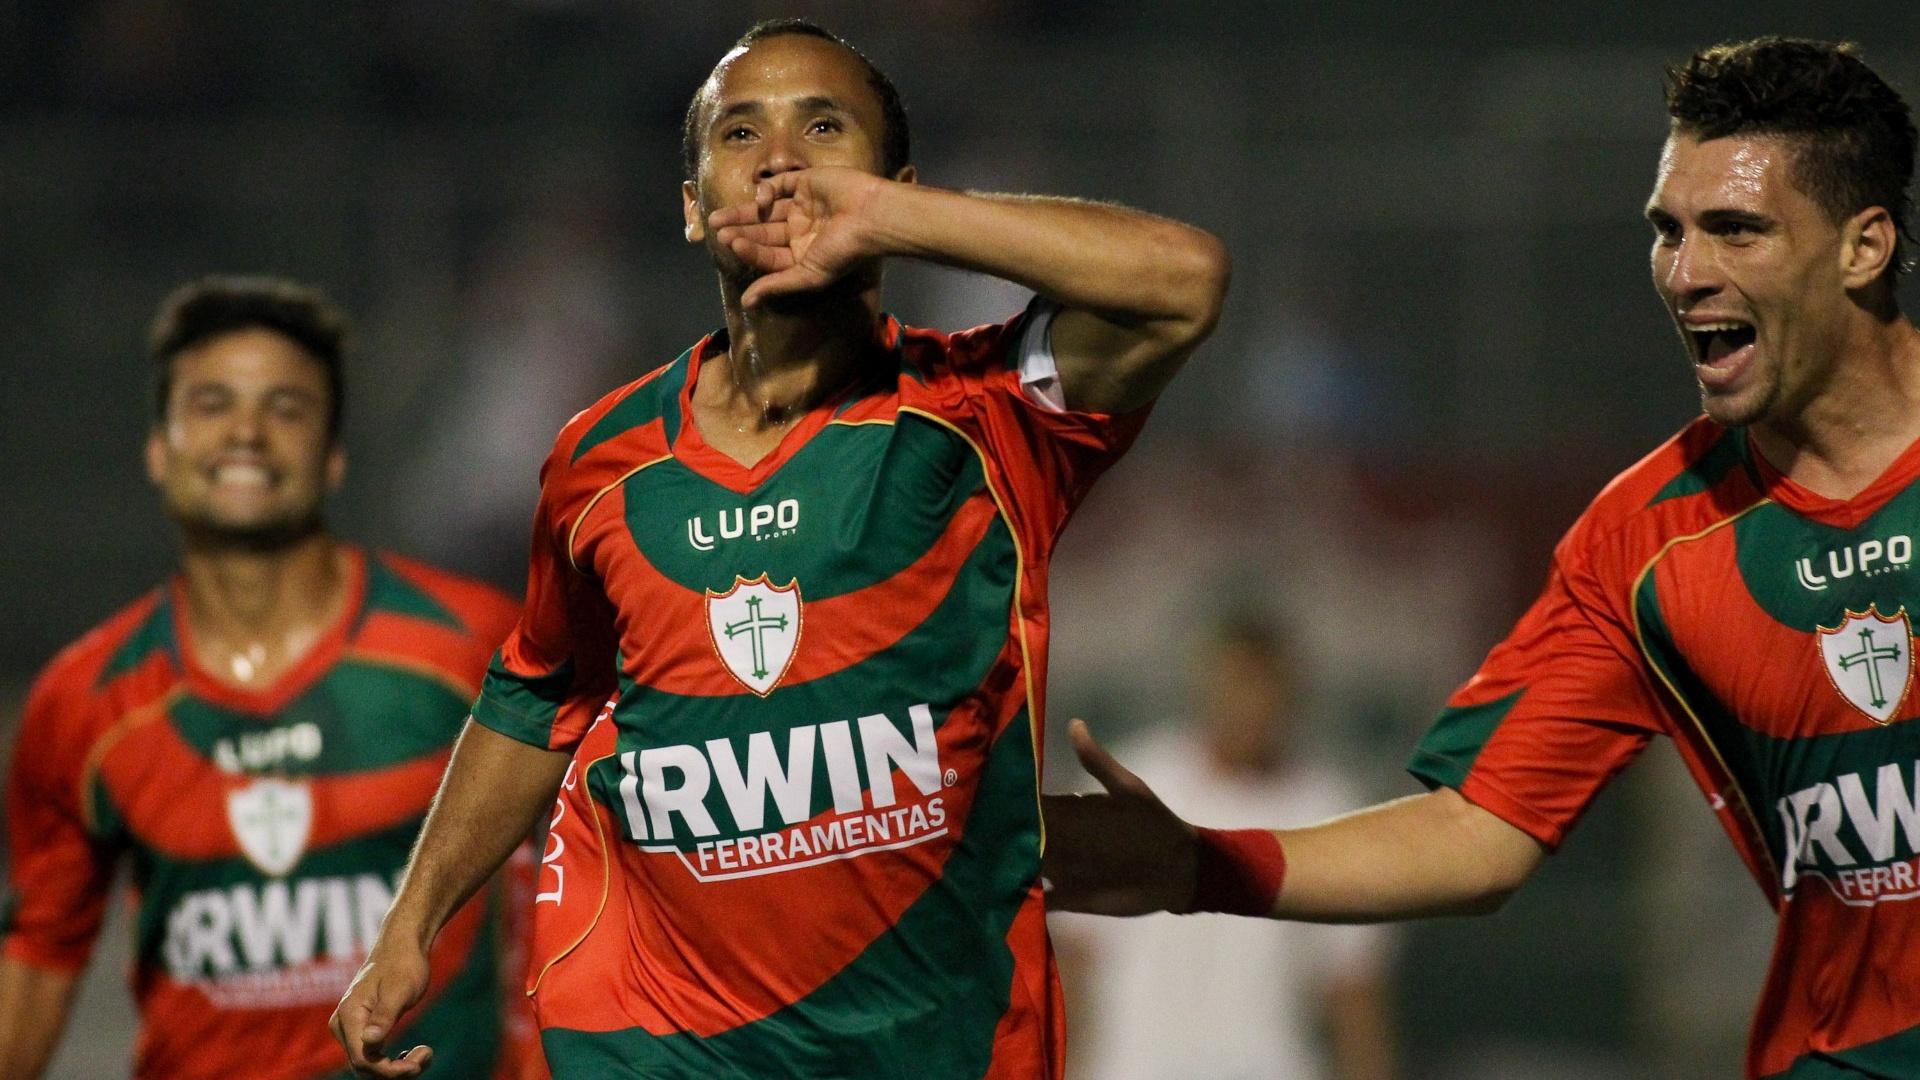 Ananias, da Portuguesa, comemora após marcar gol durante a partida contra o Náutico, válida pela 13ª rodada do Campeonato Brasileiro, no Estádio do Canindé